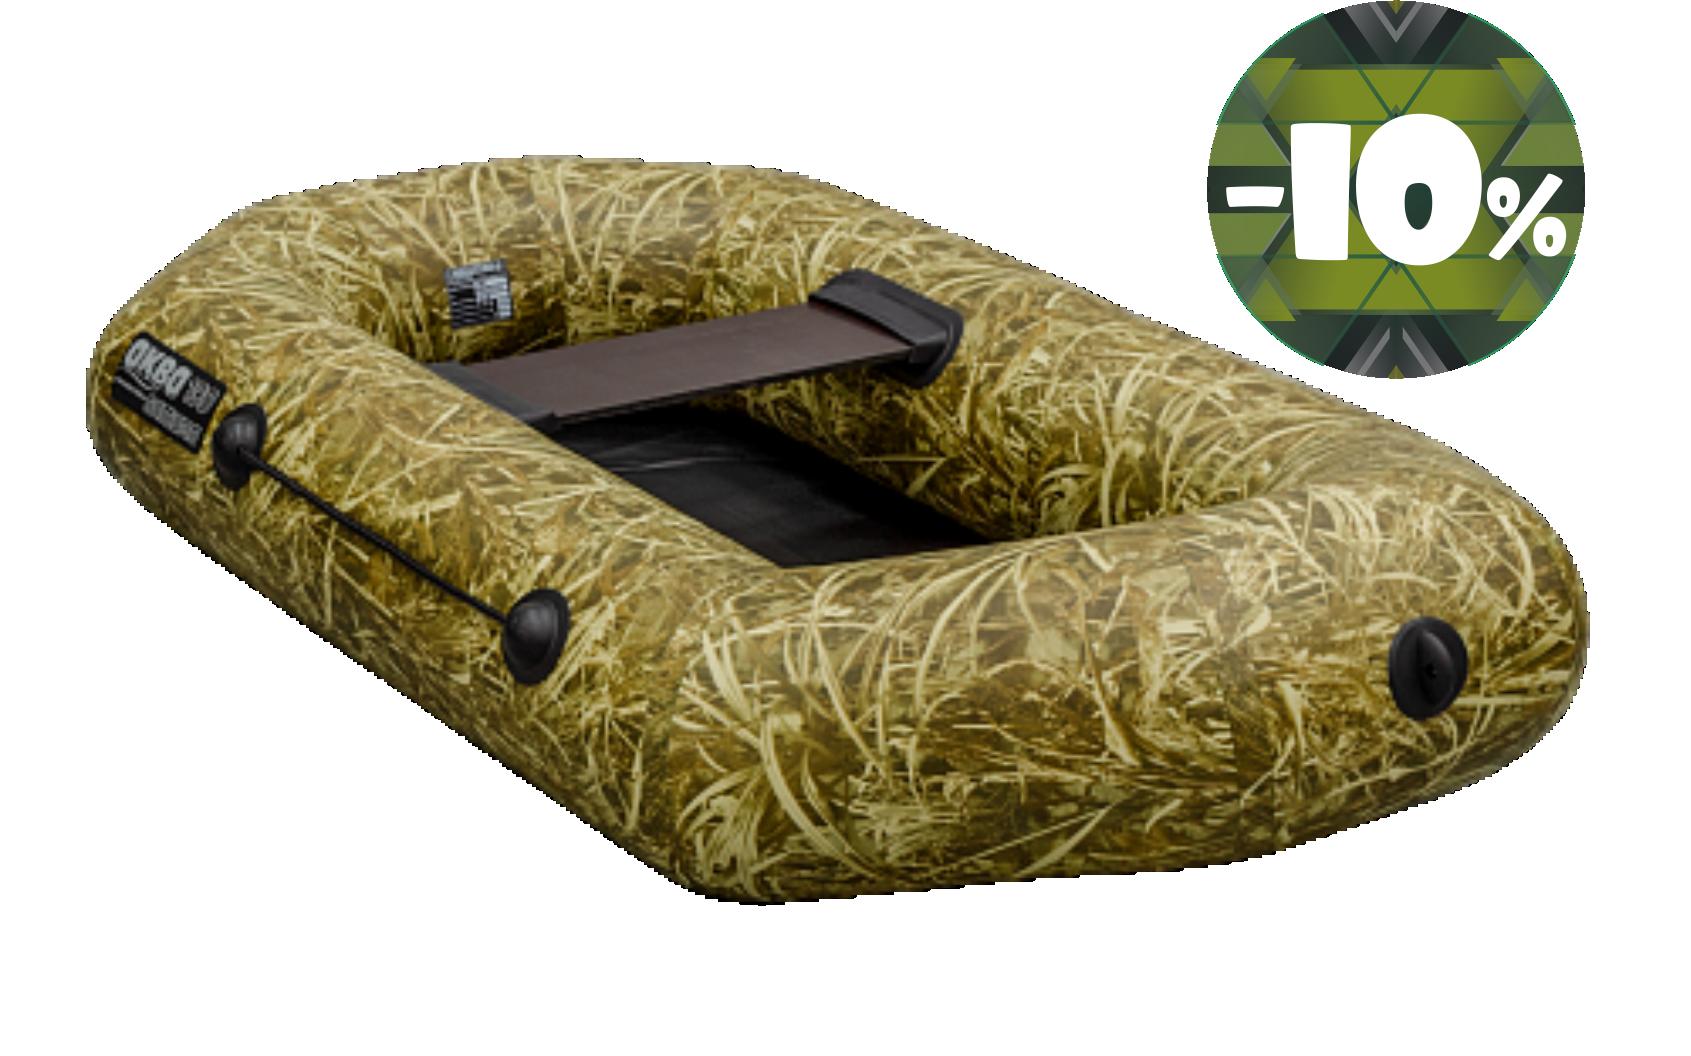 Лодка АКВА ОПТИМА-190 камуфляж светлый камыш